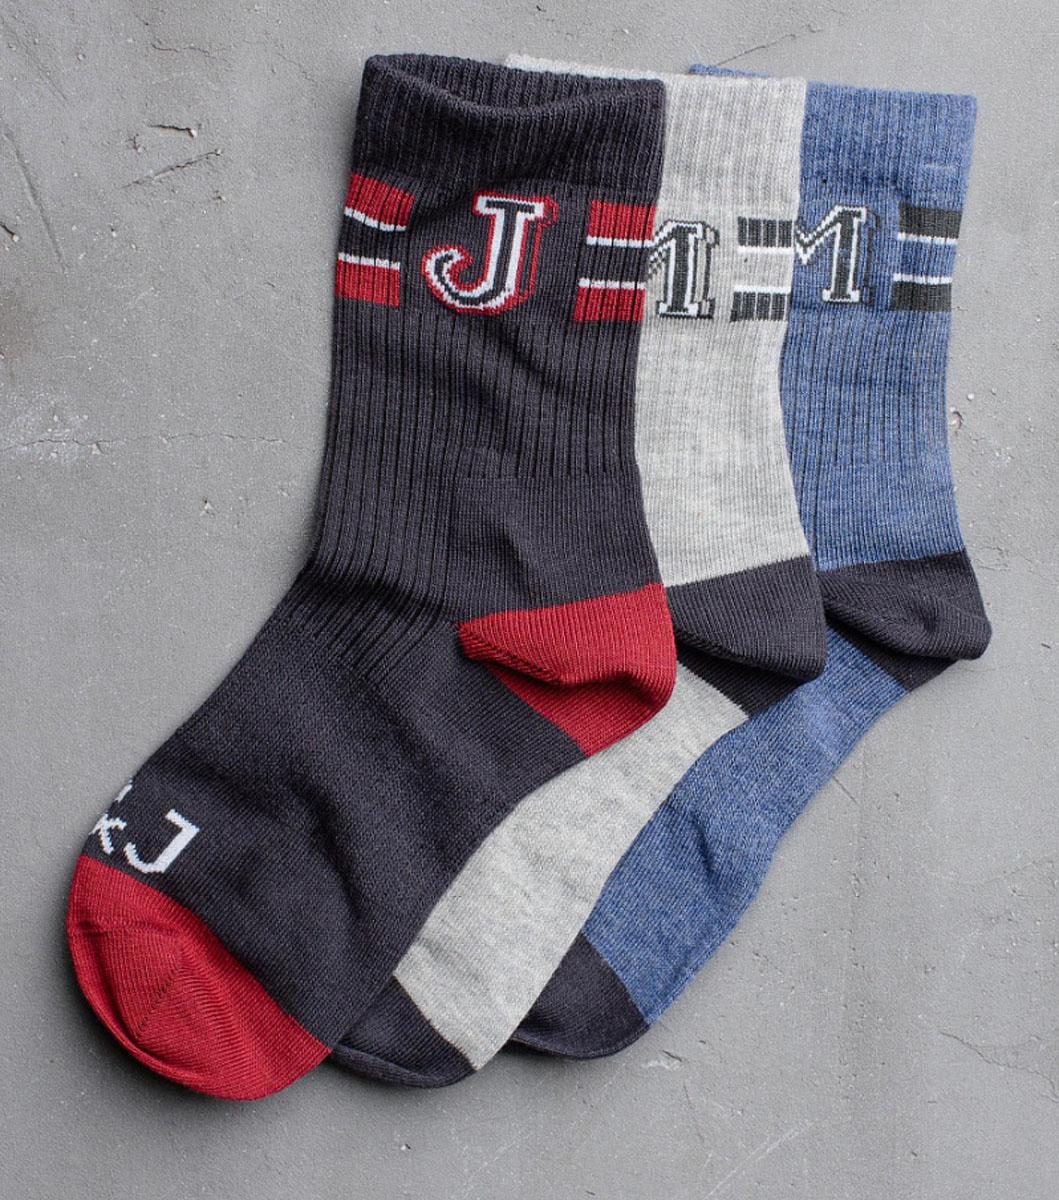 Носки для мальчика Modniy Juk, цвет: мультиколор. Socks 20/Logo. Размер 20/22Socks 20/Logo/Стильные носки для мальчика Modniy Juk изготовлены из высококачественного материала, они приятны на ощупь, не раздражают нежную и чувствительную кожу ребенка, позволяя ей дышать. Модель отлично облегает стопу. Усиленный мысок и пятка продлят срок эксплуатации. Изделие дополнено логотипом в стиле Modniy Juk.